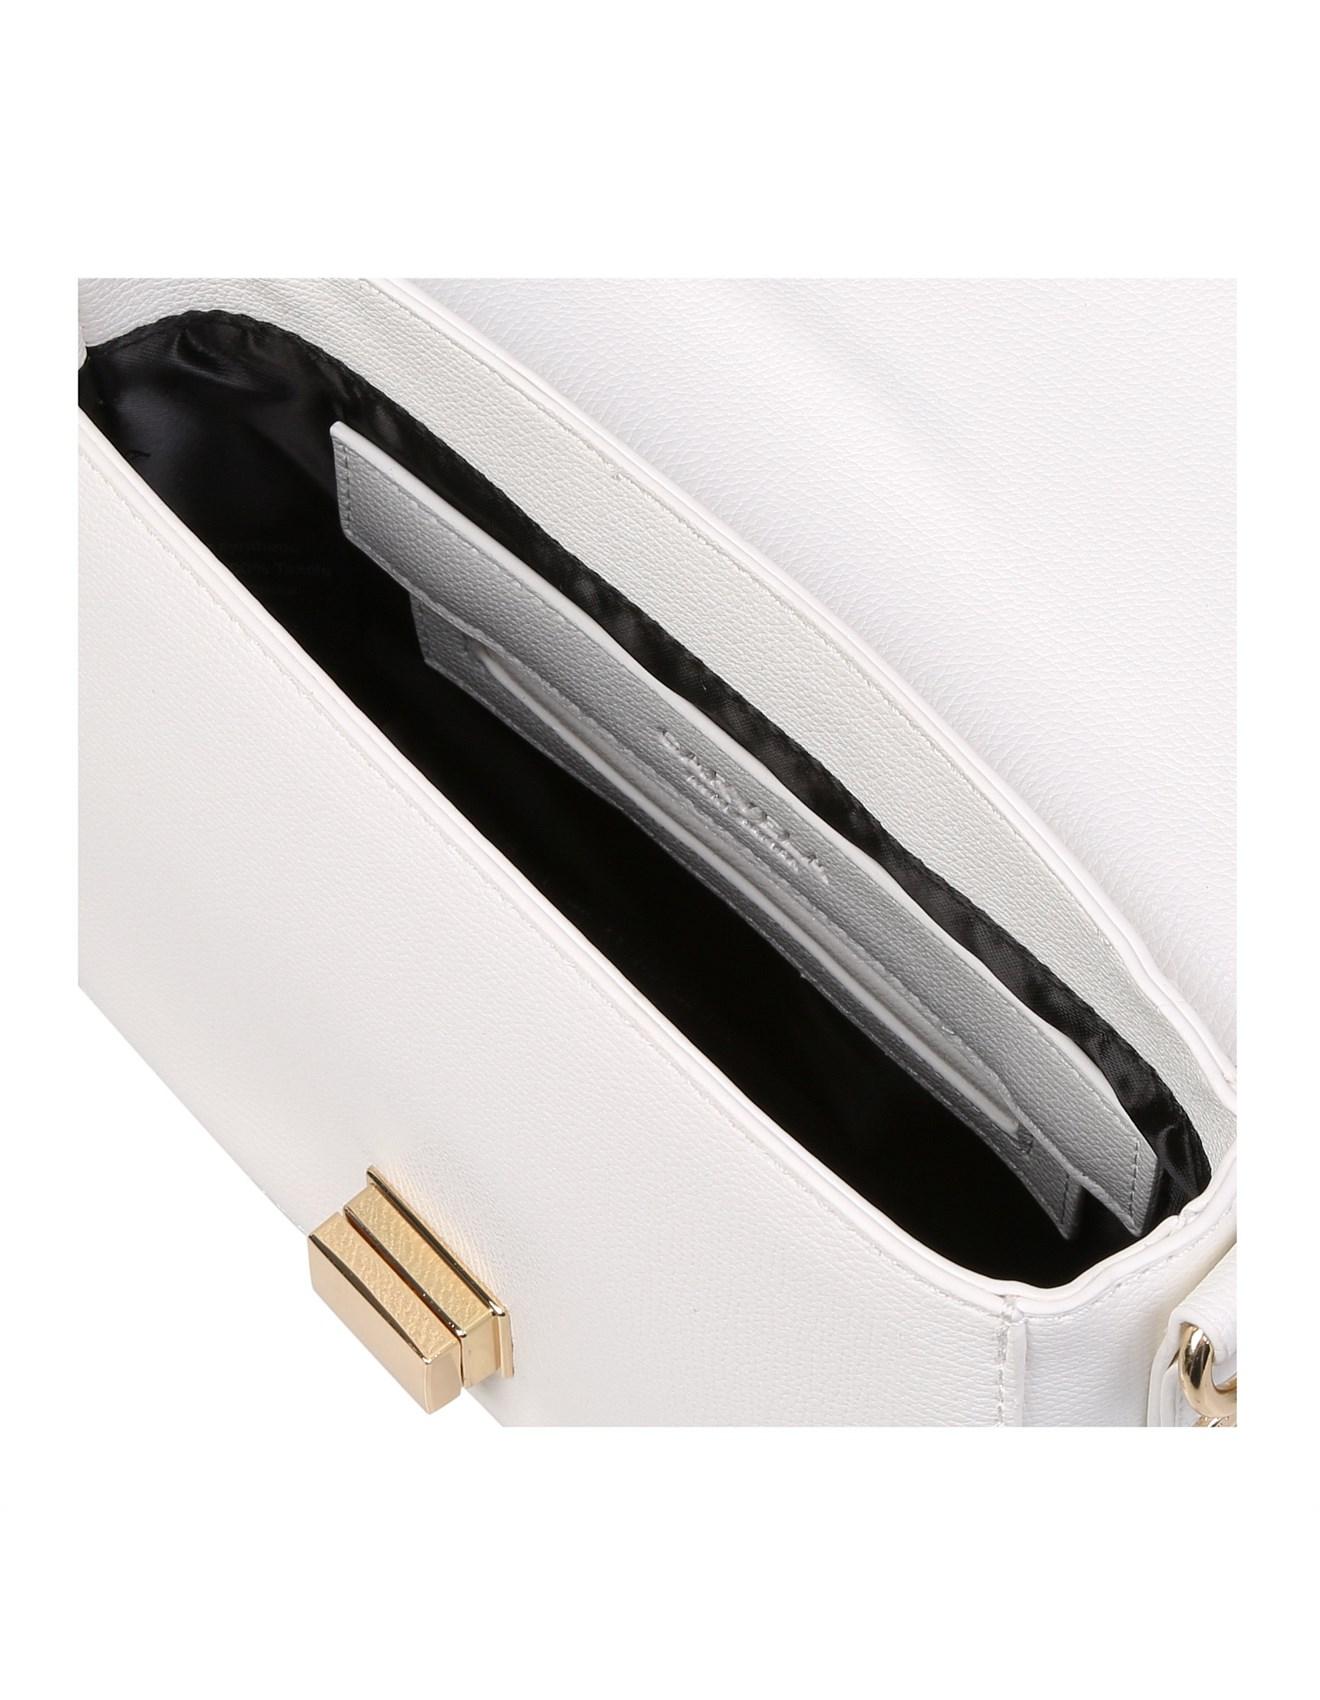 CARVELA-SARA CLEAN SADDLE B-WHITE. 1 bc94583f0cee1